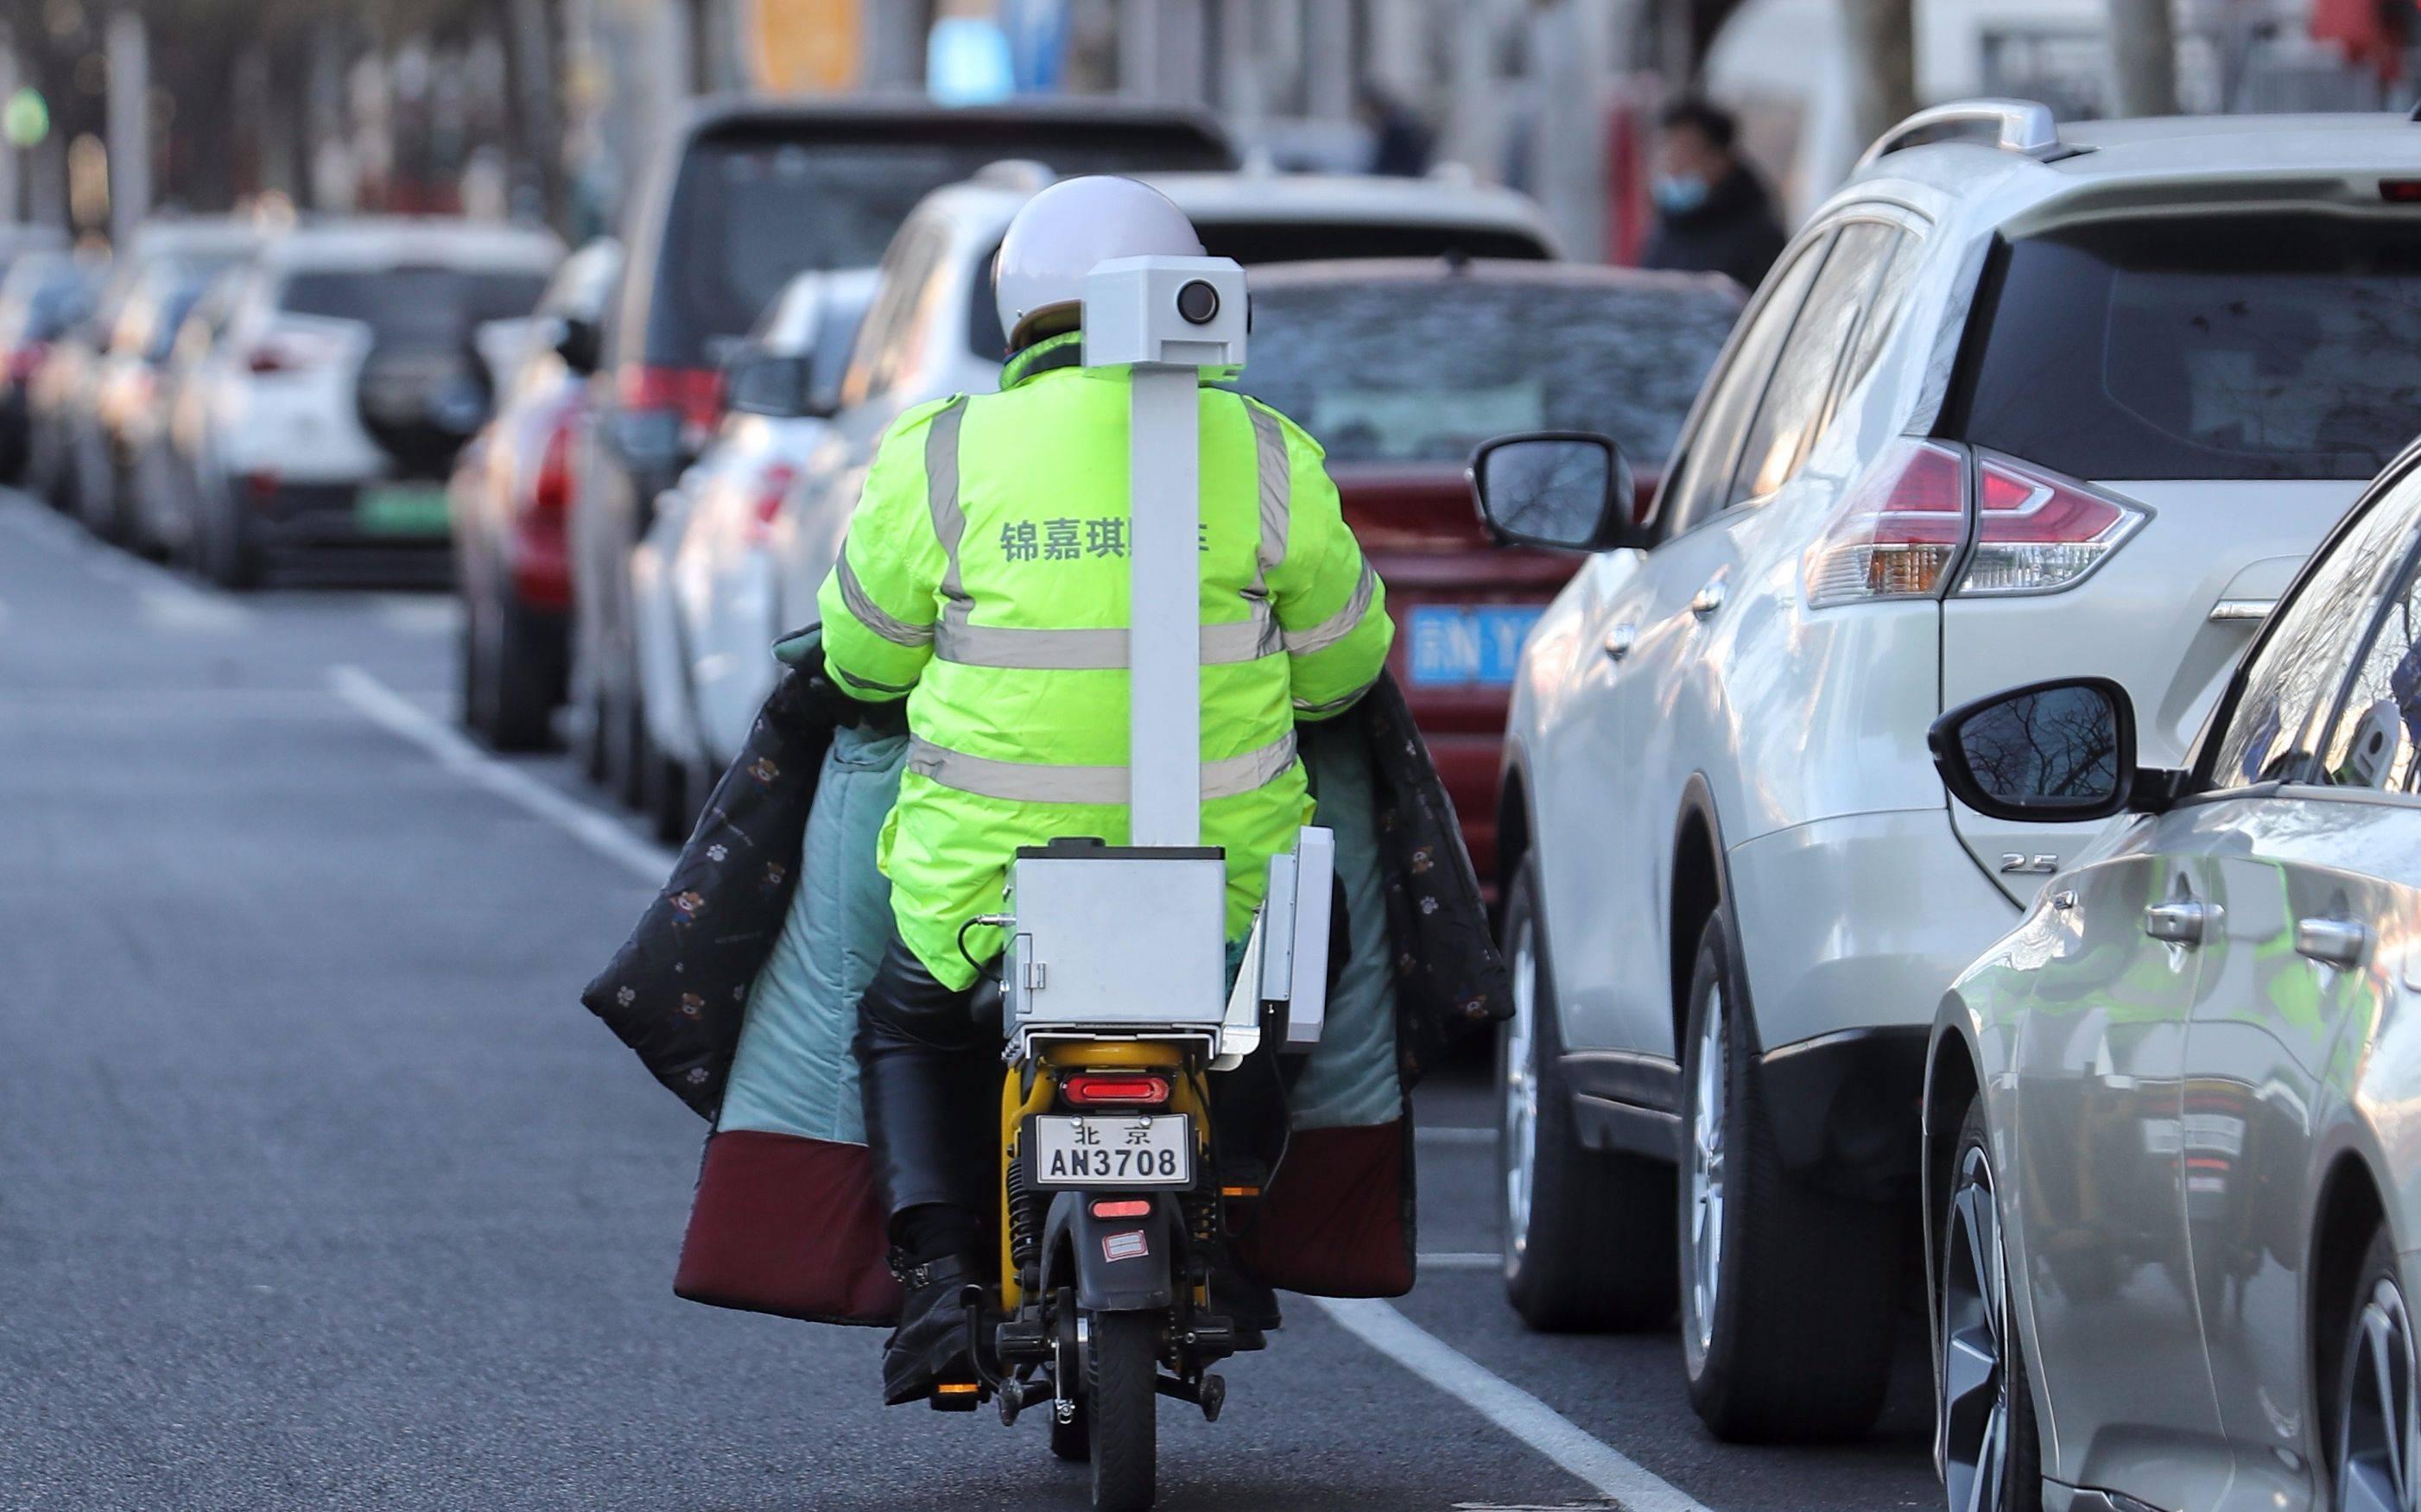 北京48条道路启用停车计费移动设备:电动车上装摄像头